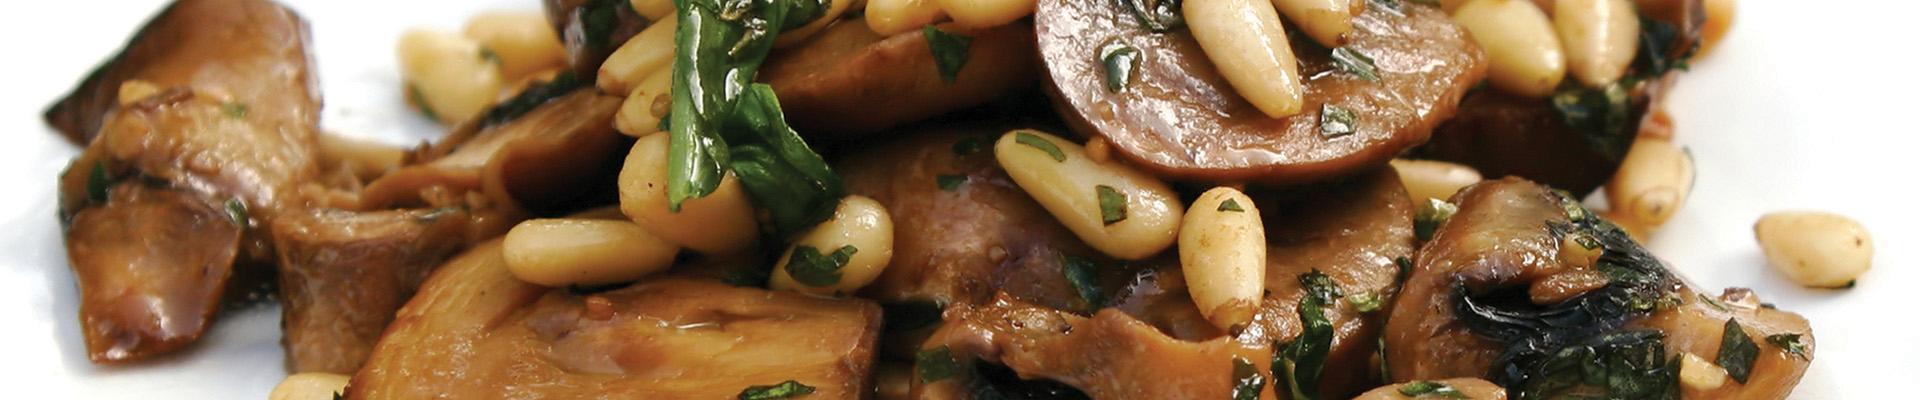 Warm Mushroom Salad - #STARFineFoods